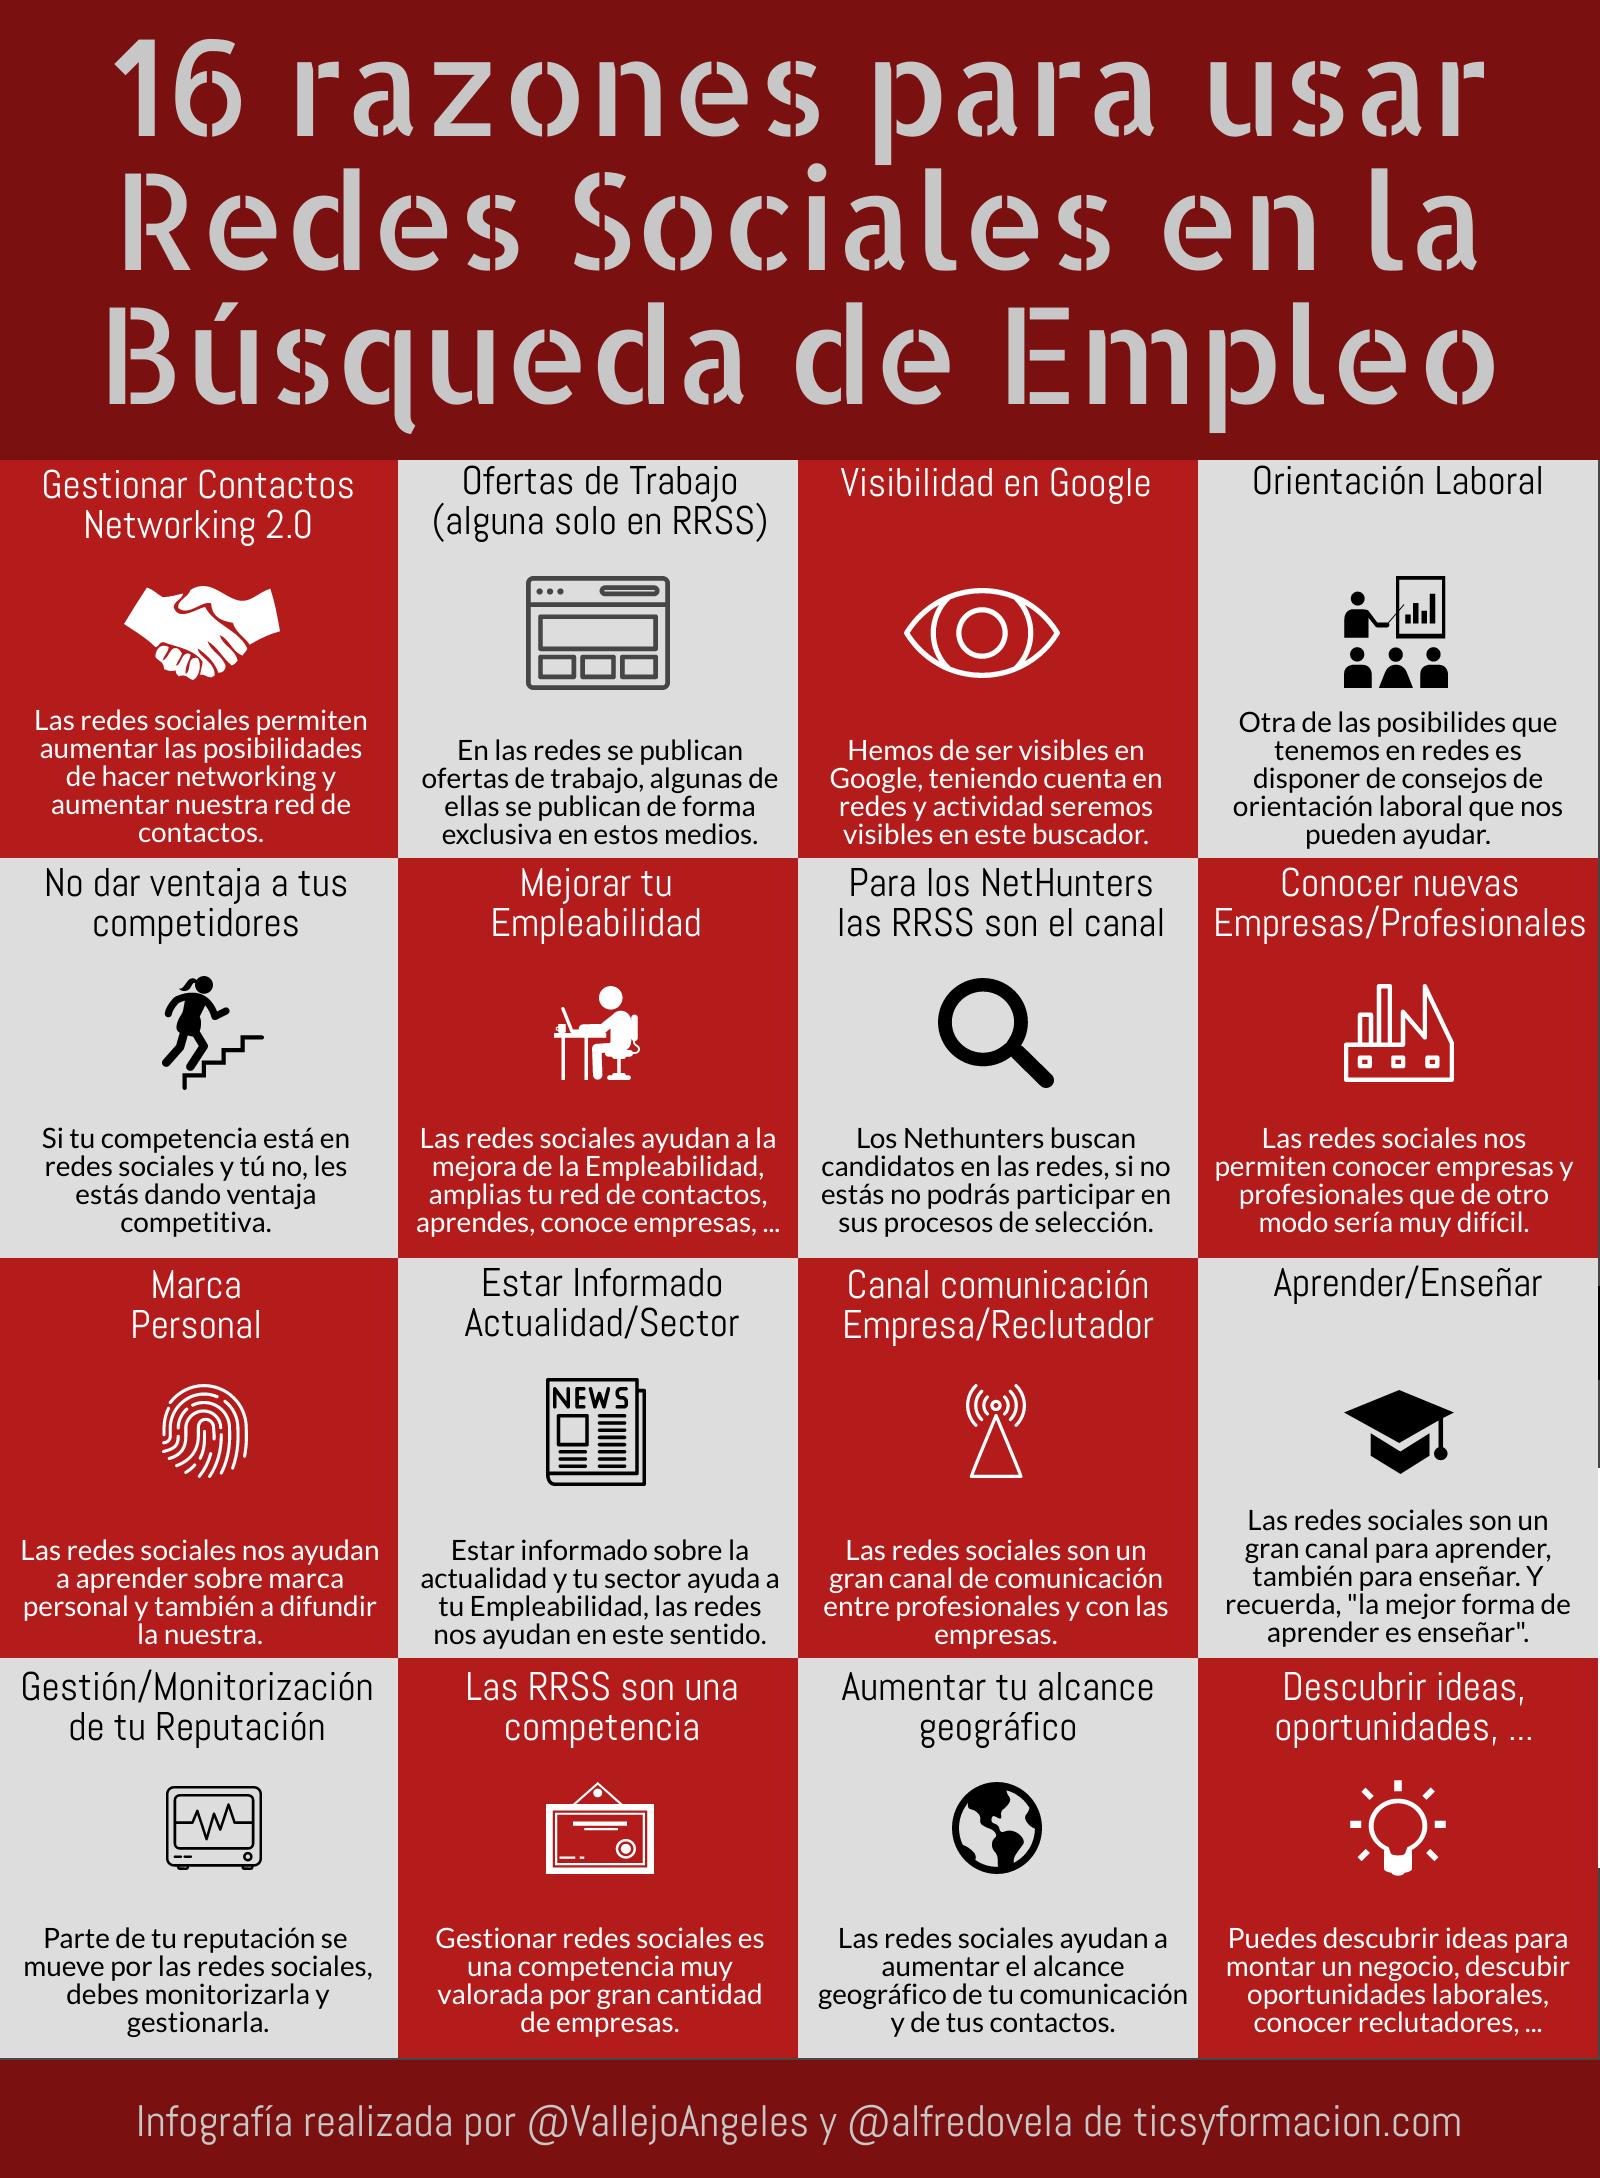 16 Razones Para Usar Redes Sociales En La Búsqueda De Empleo Infografia Socialmedia Empleo Tics Y Formación Busqueda De Empleo Socialismo Empleos